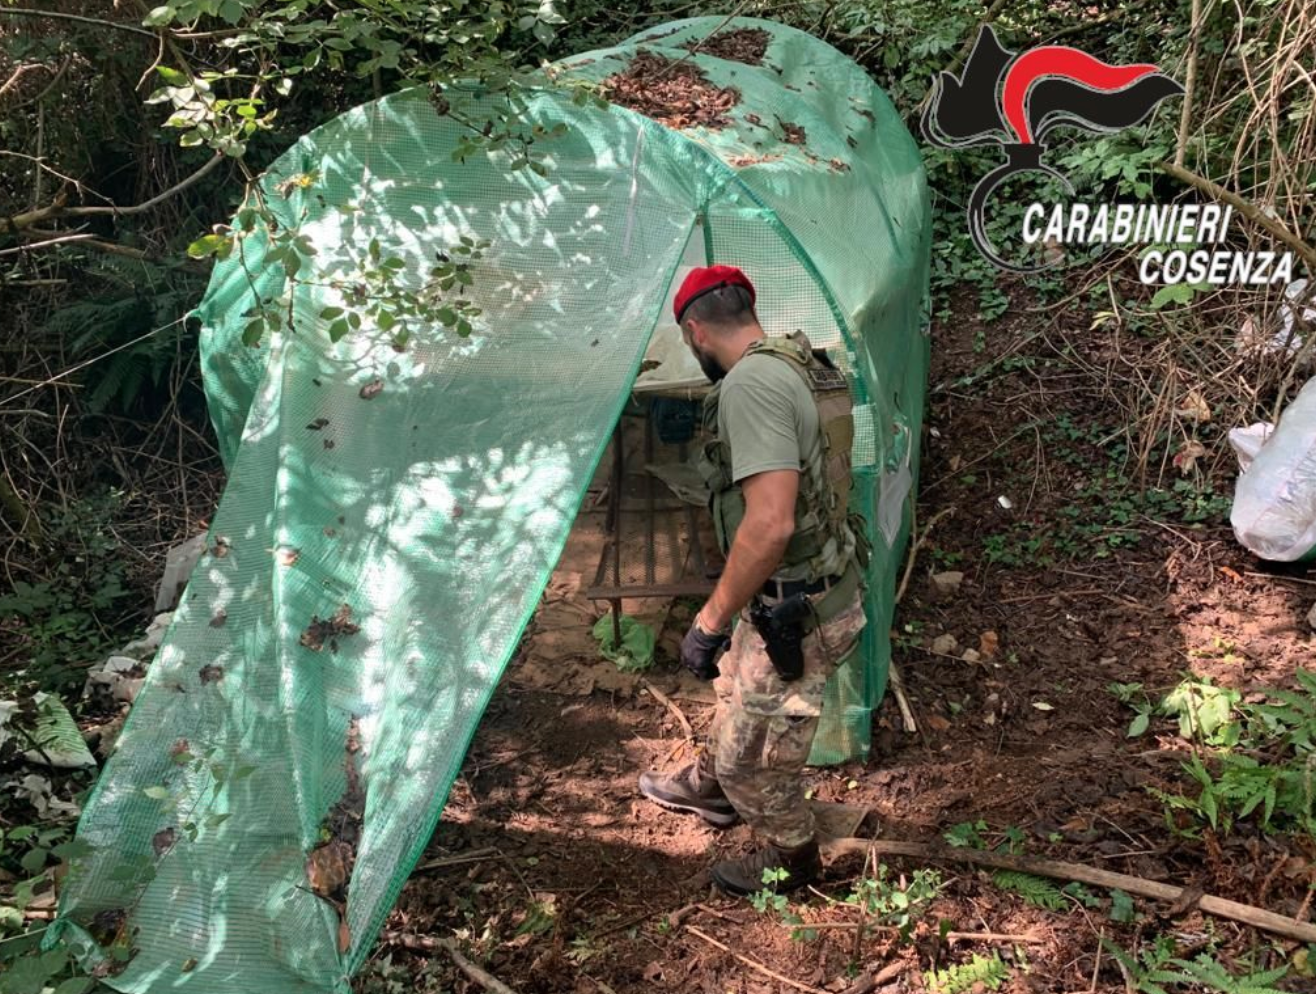 Scoperta coltivazione di canapa, 5 arresti a Cetraro